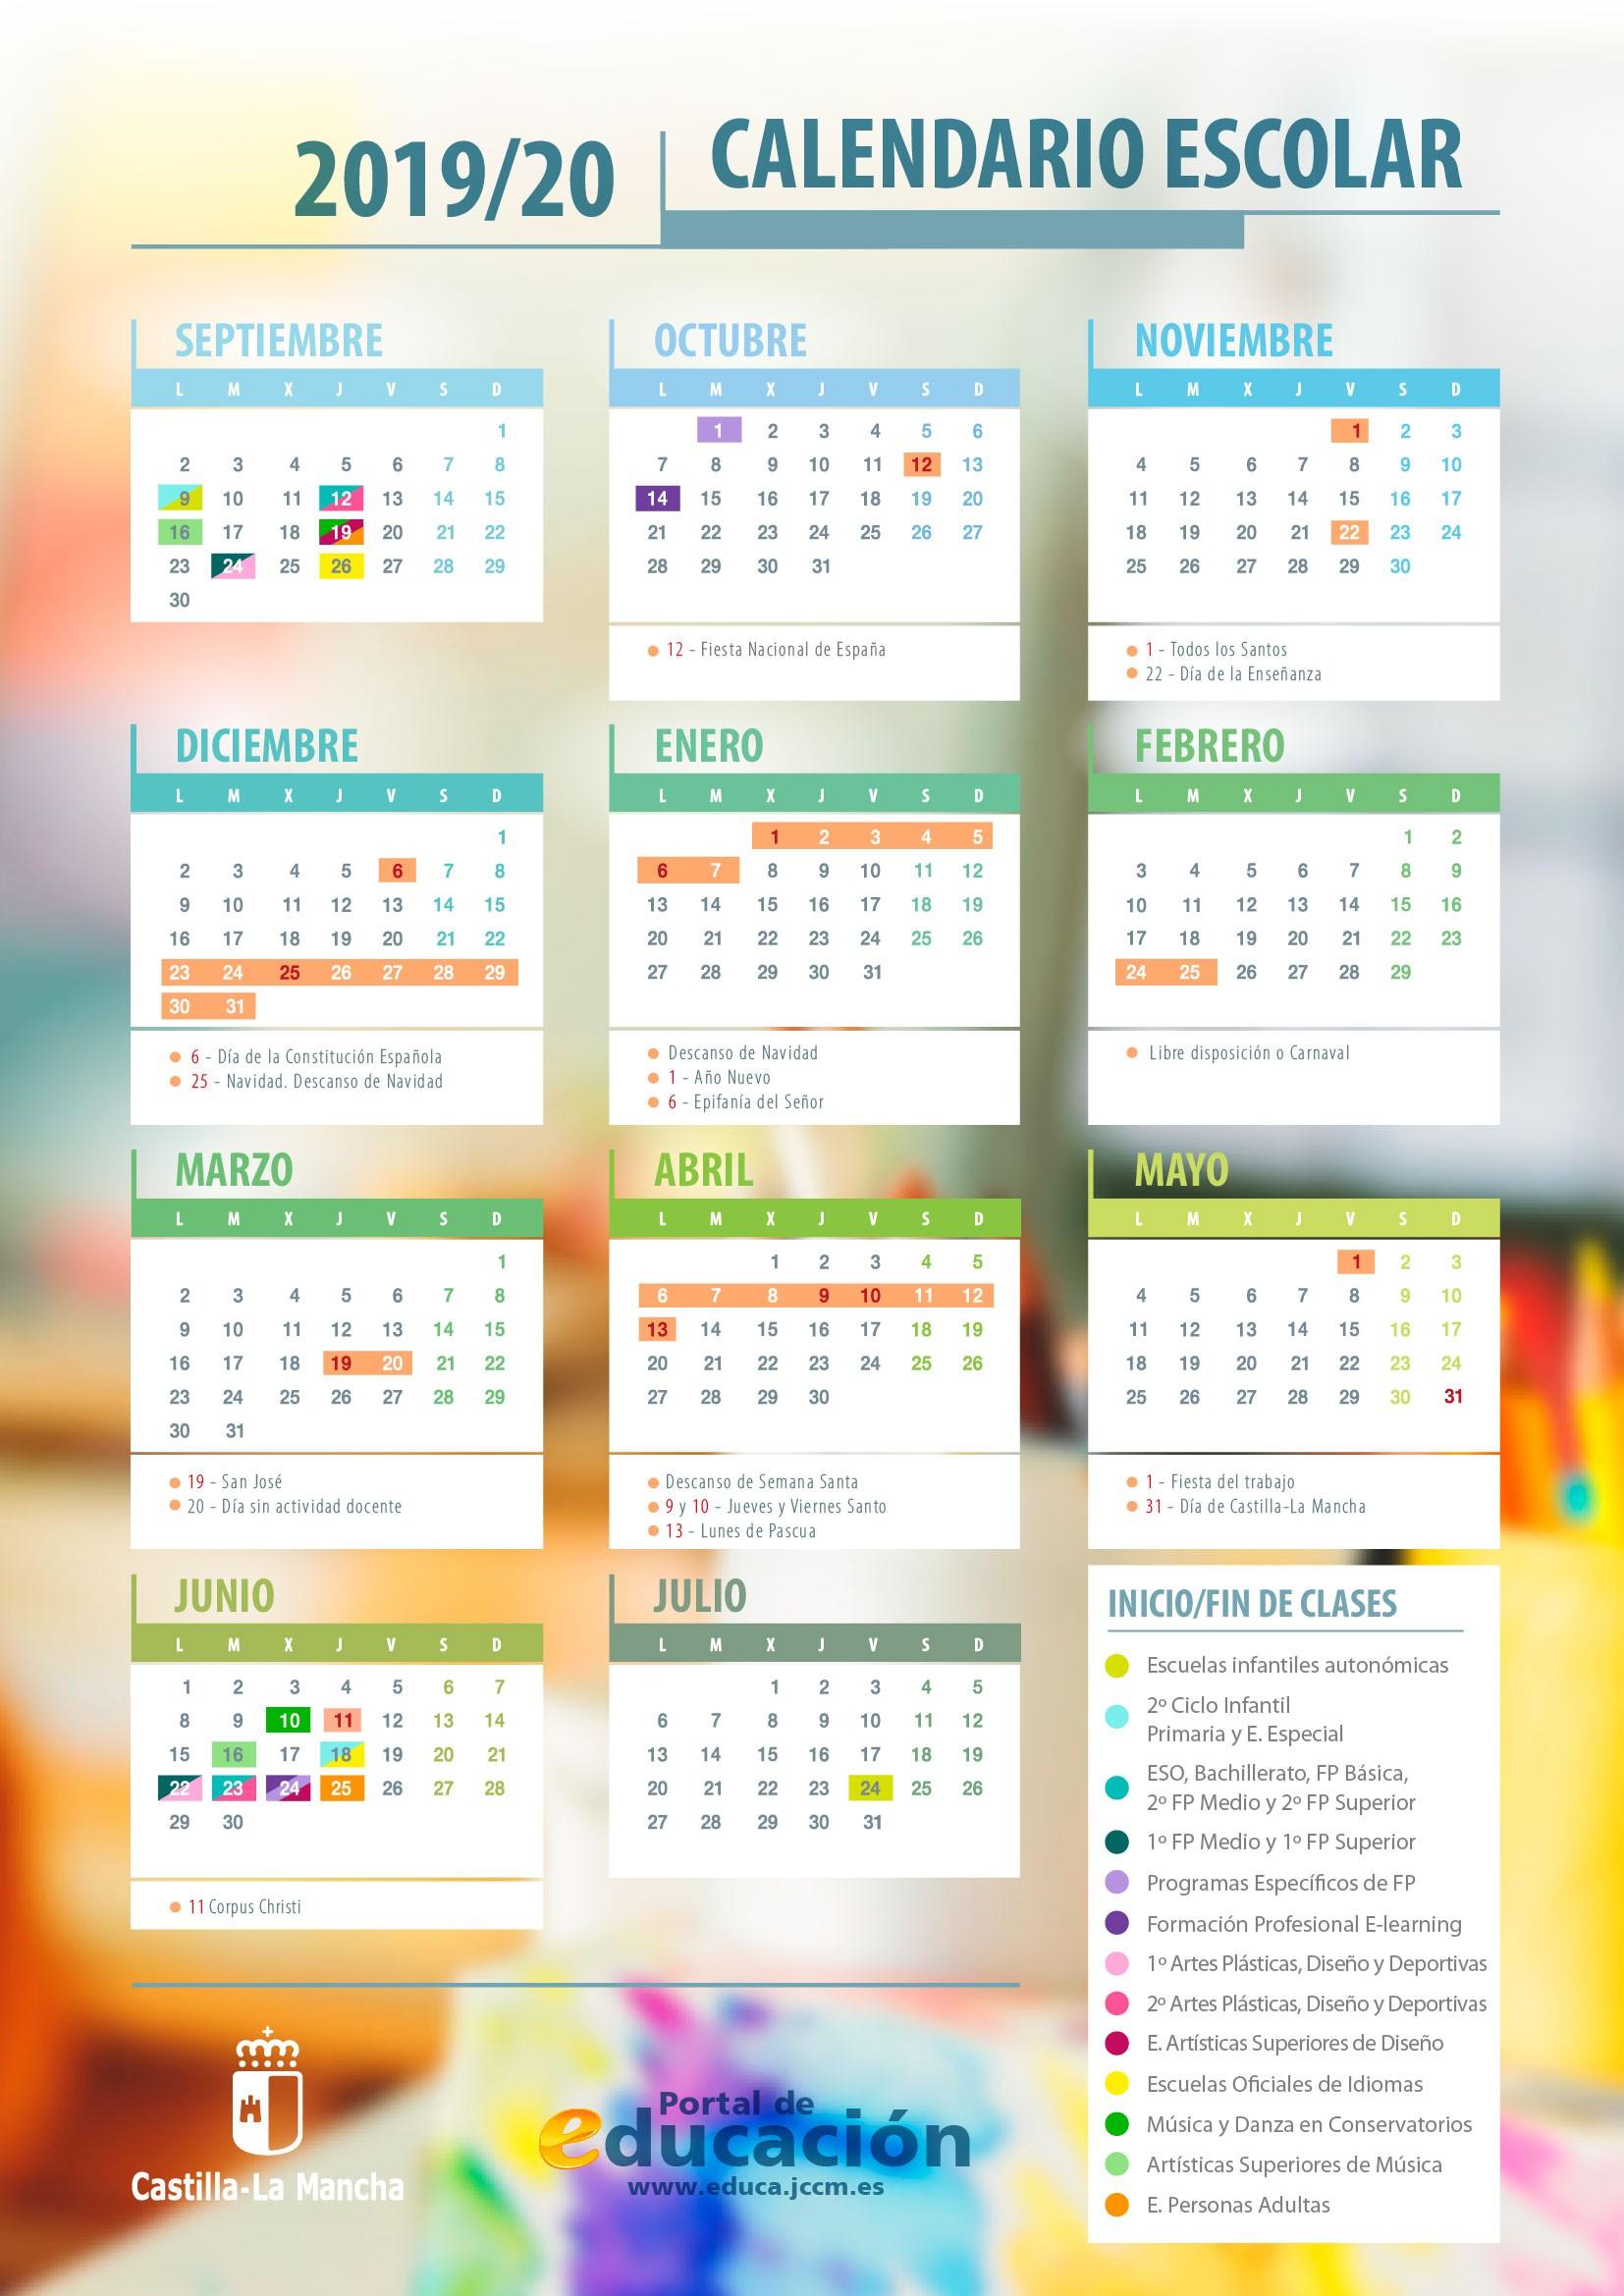 calendarioescolar19 20